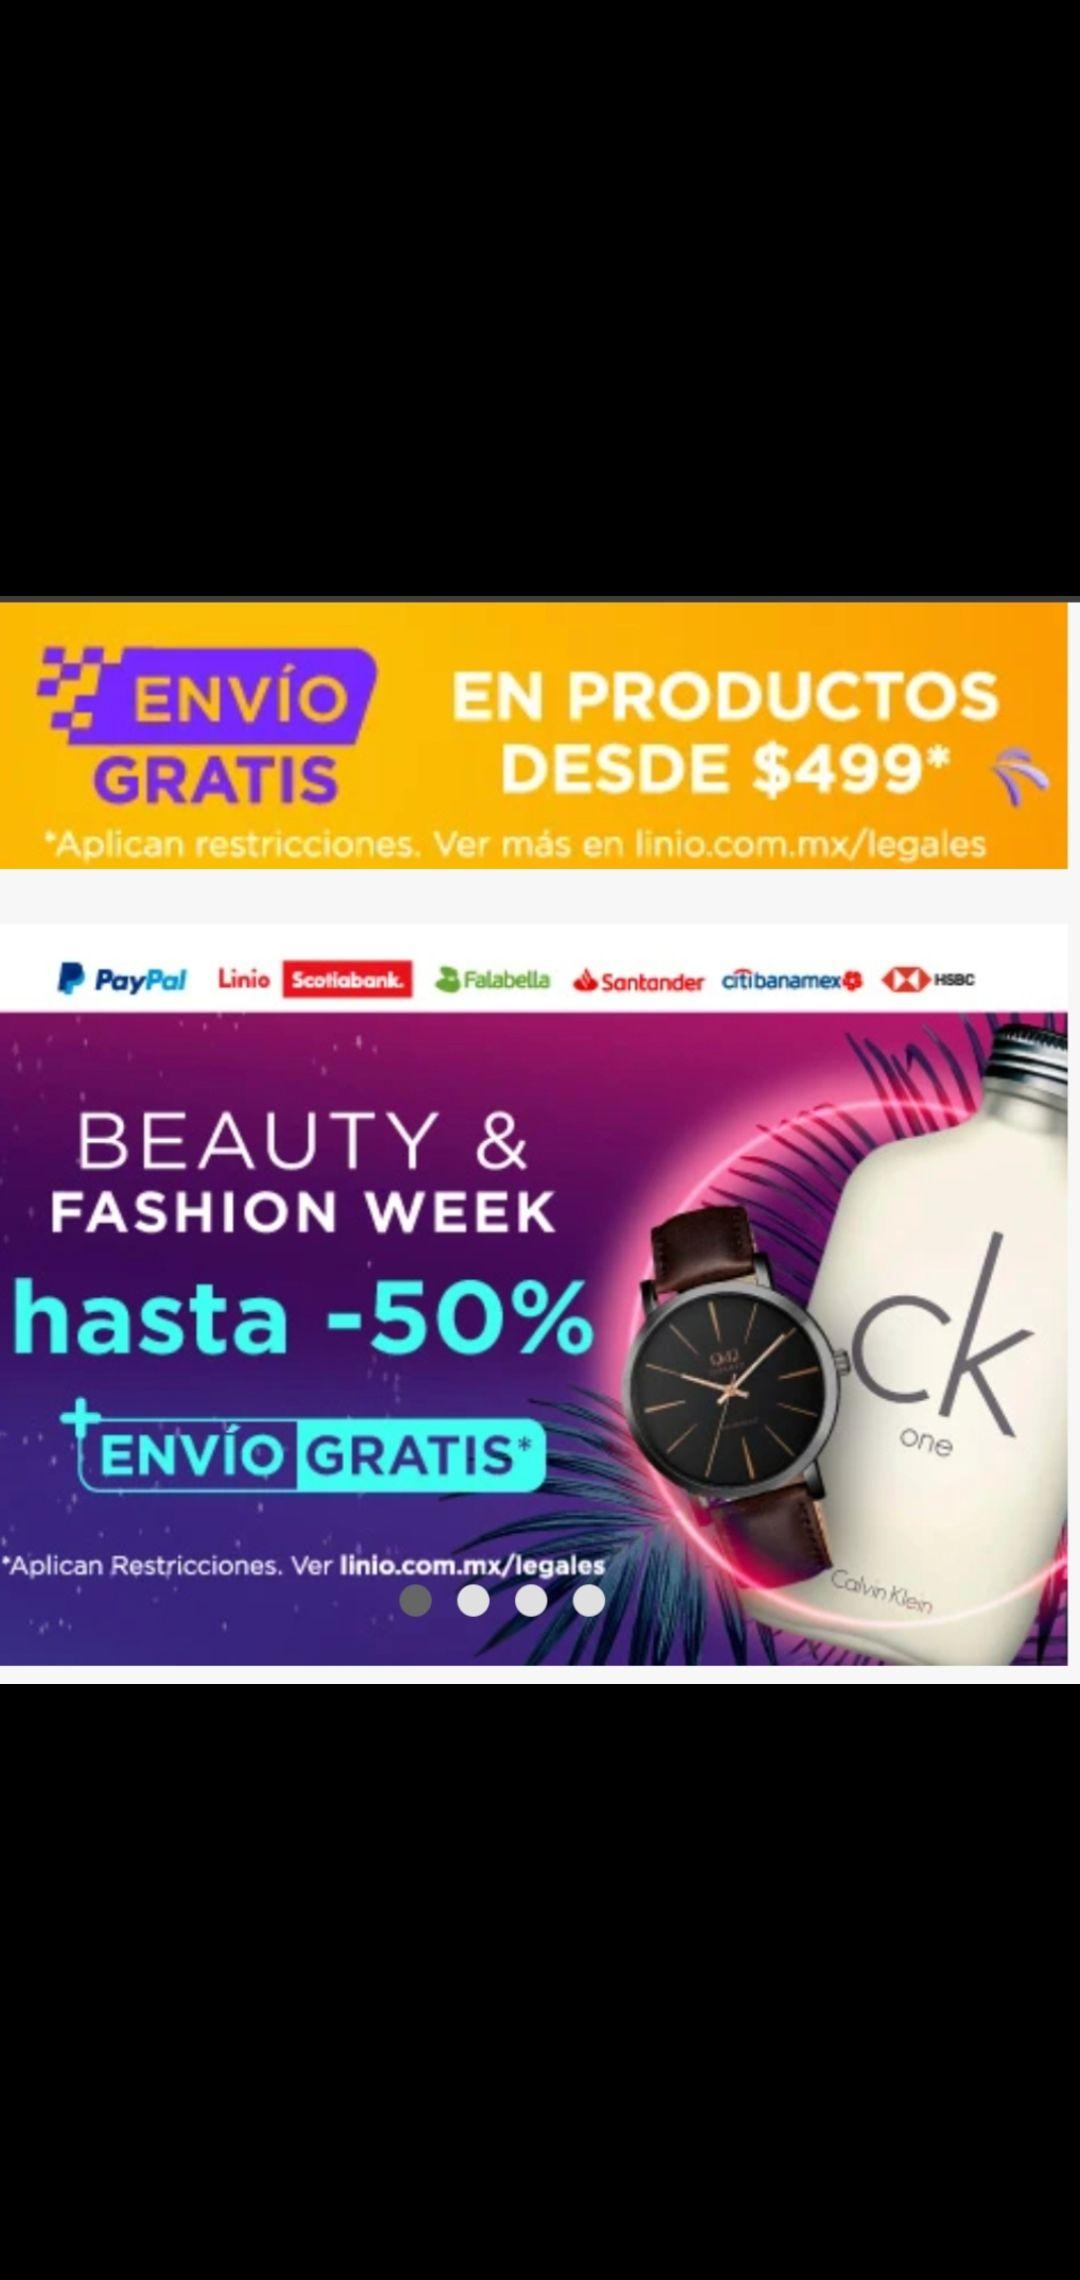 Linio hasta 50% de descuento + envío gratis beauty fashion week